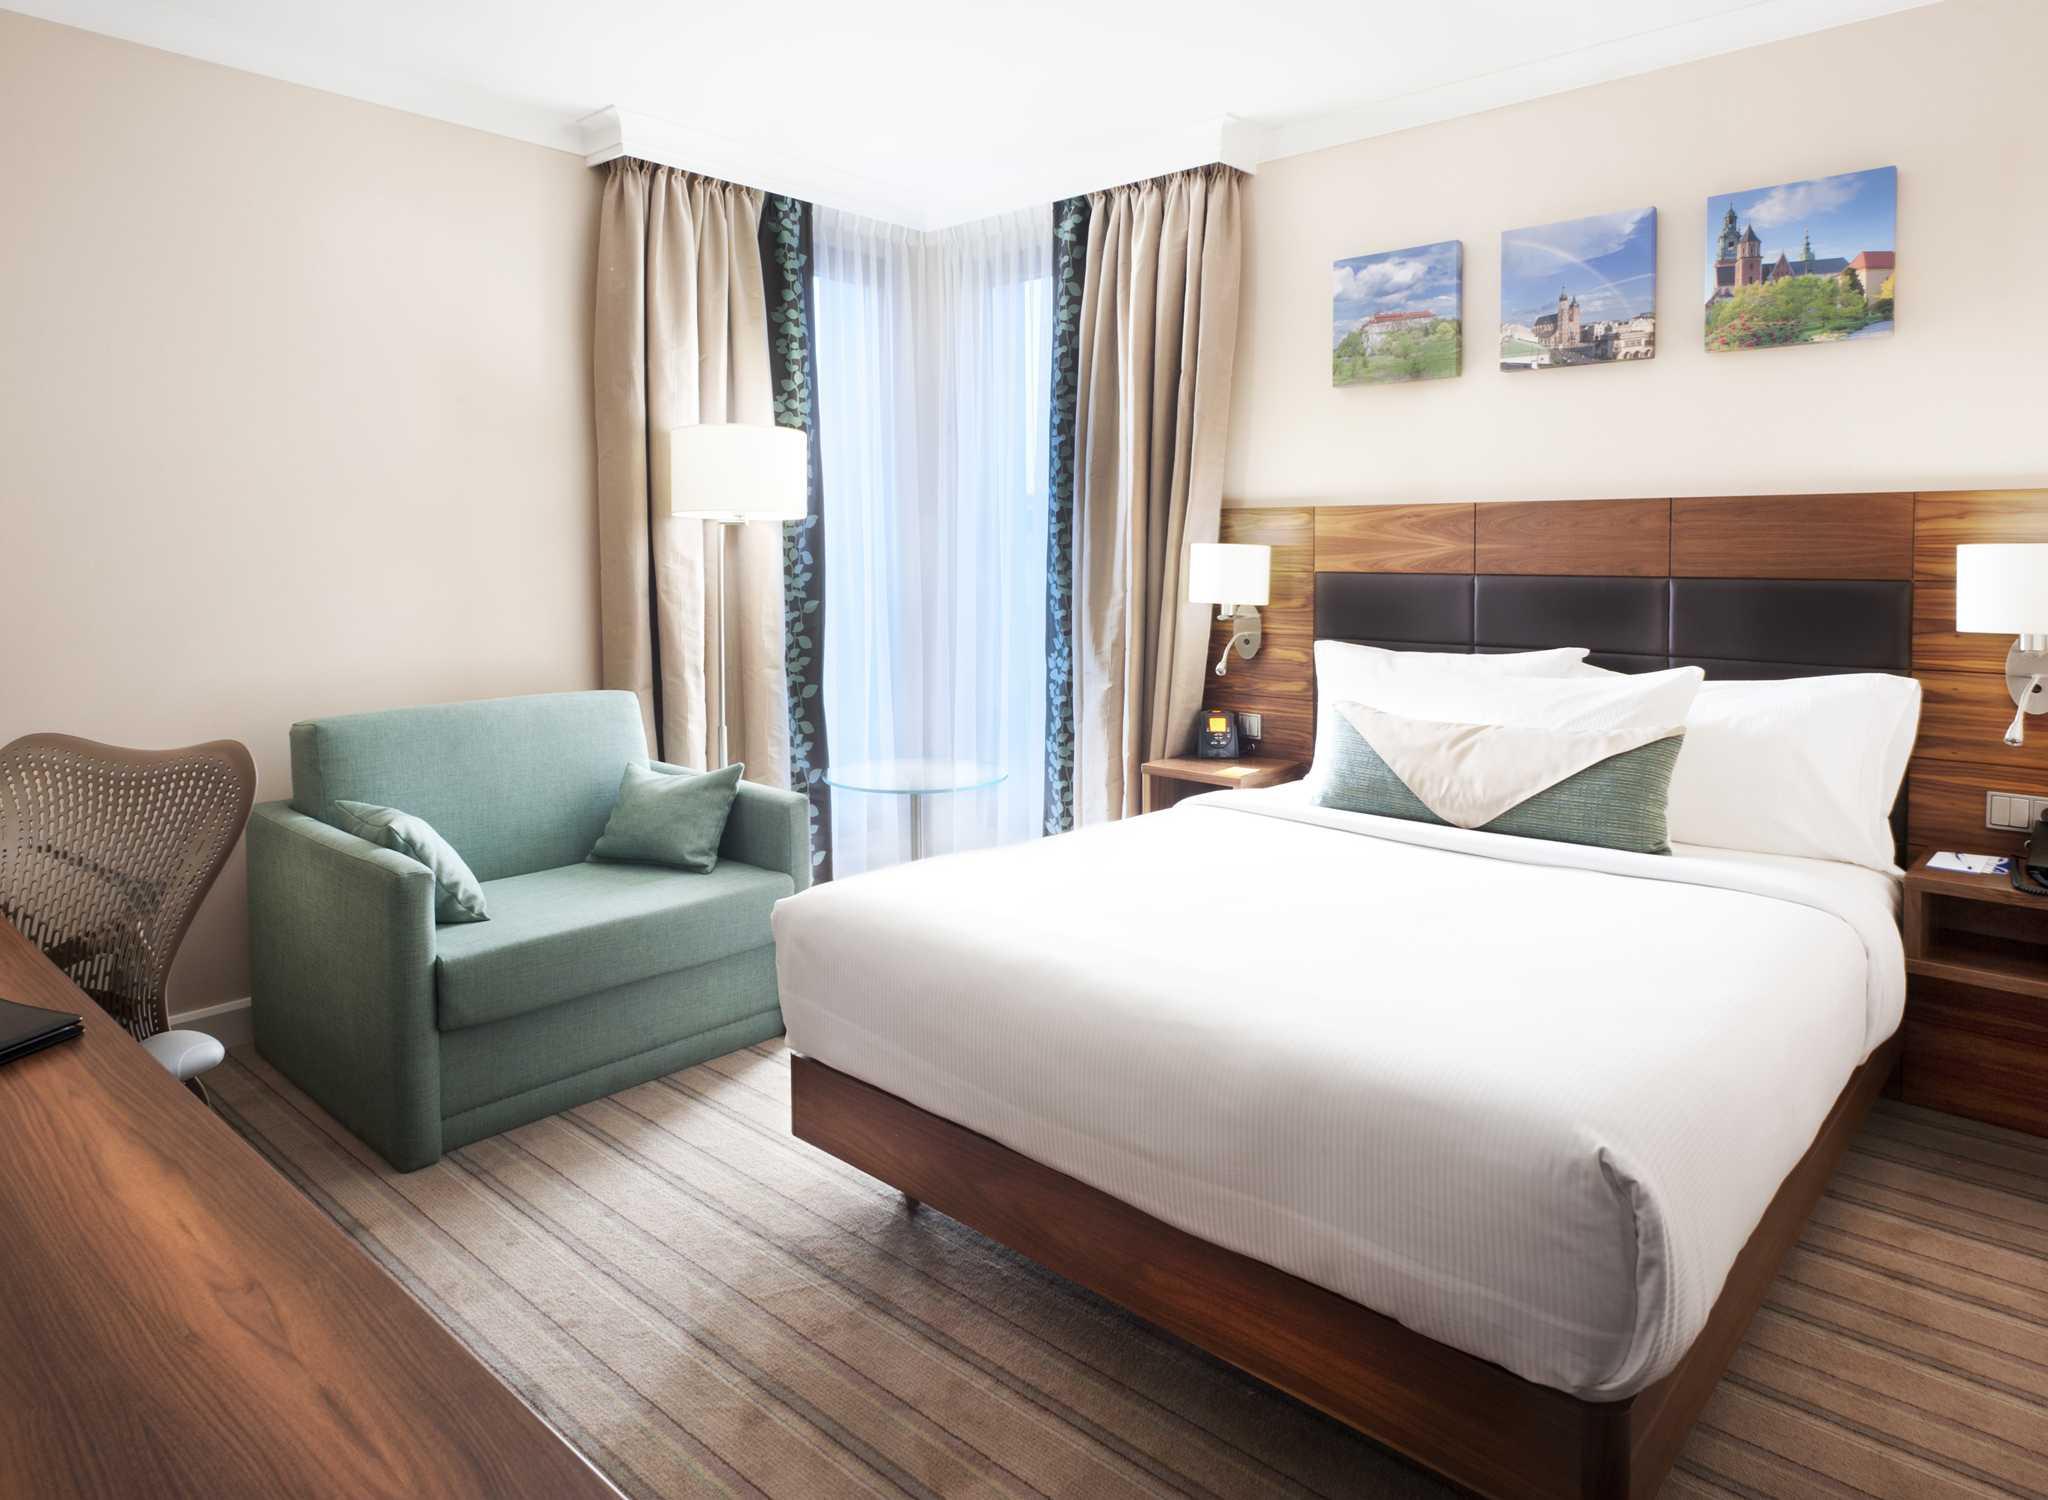 Hilton Garden Inn Krakow Hotels im Zentrum von Krakau